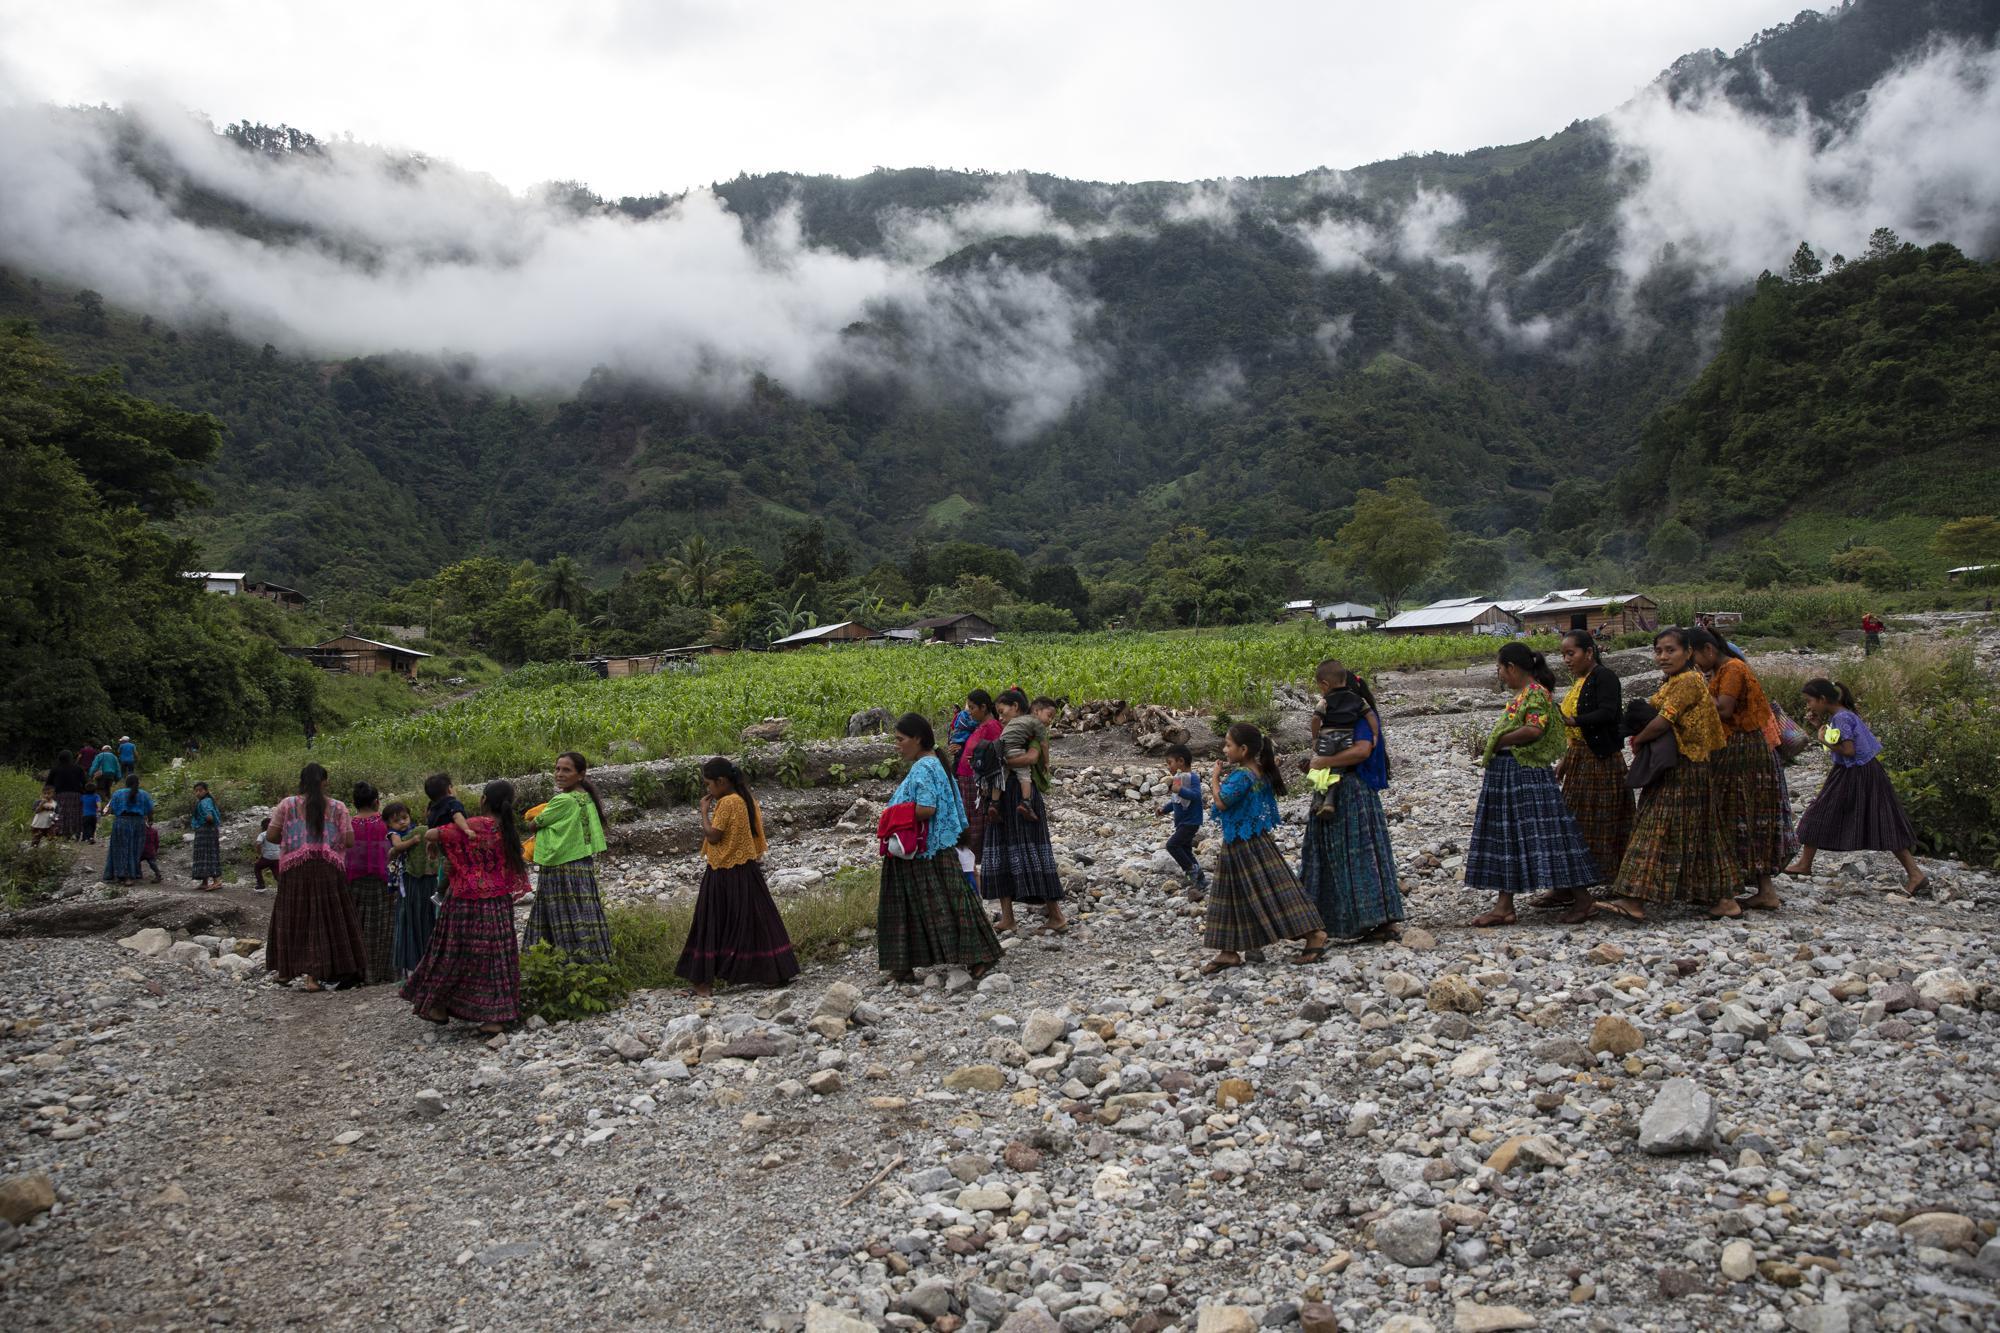 Survivors of Guatemalan Mudslide Face Death or Emigration